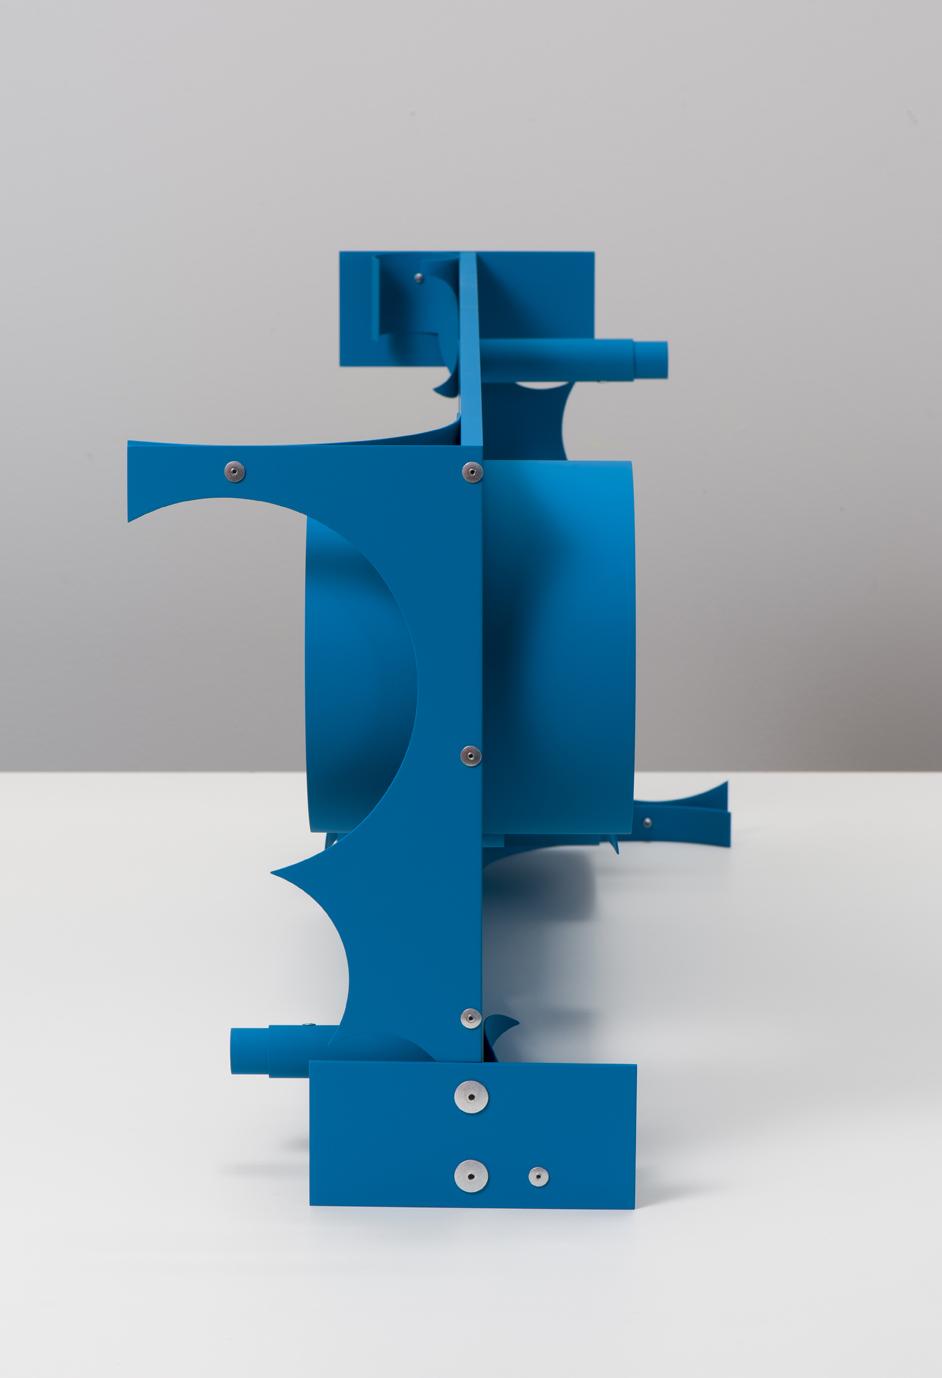 Matt Paweski, Bossy, 2018. Aluminium, aluminium rivets, vinyl paint, 35.5 x 76.8 x 33 cm; 14 x 30.25 x 13 inches.